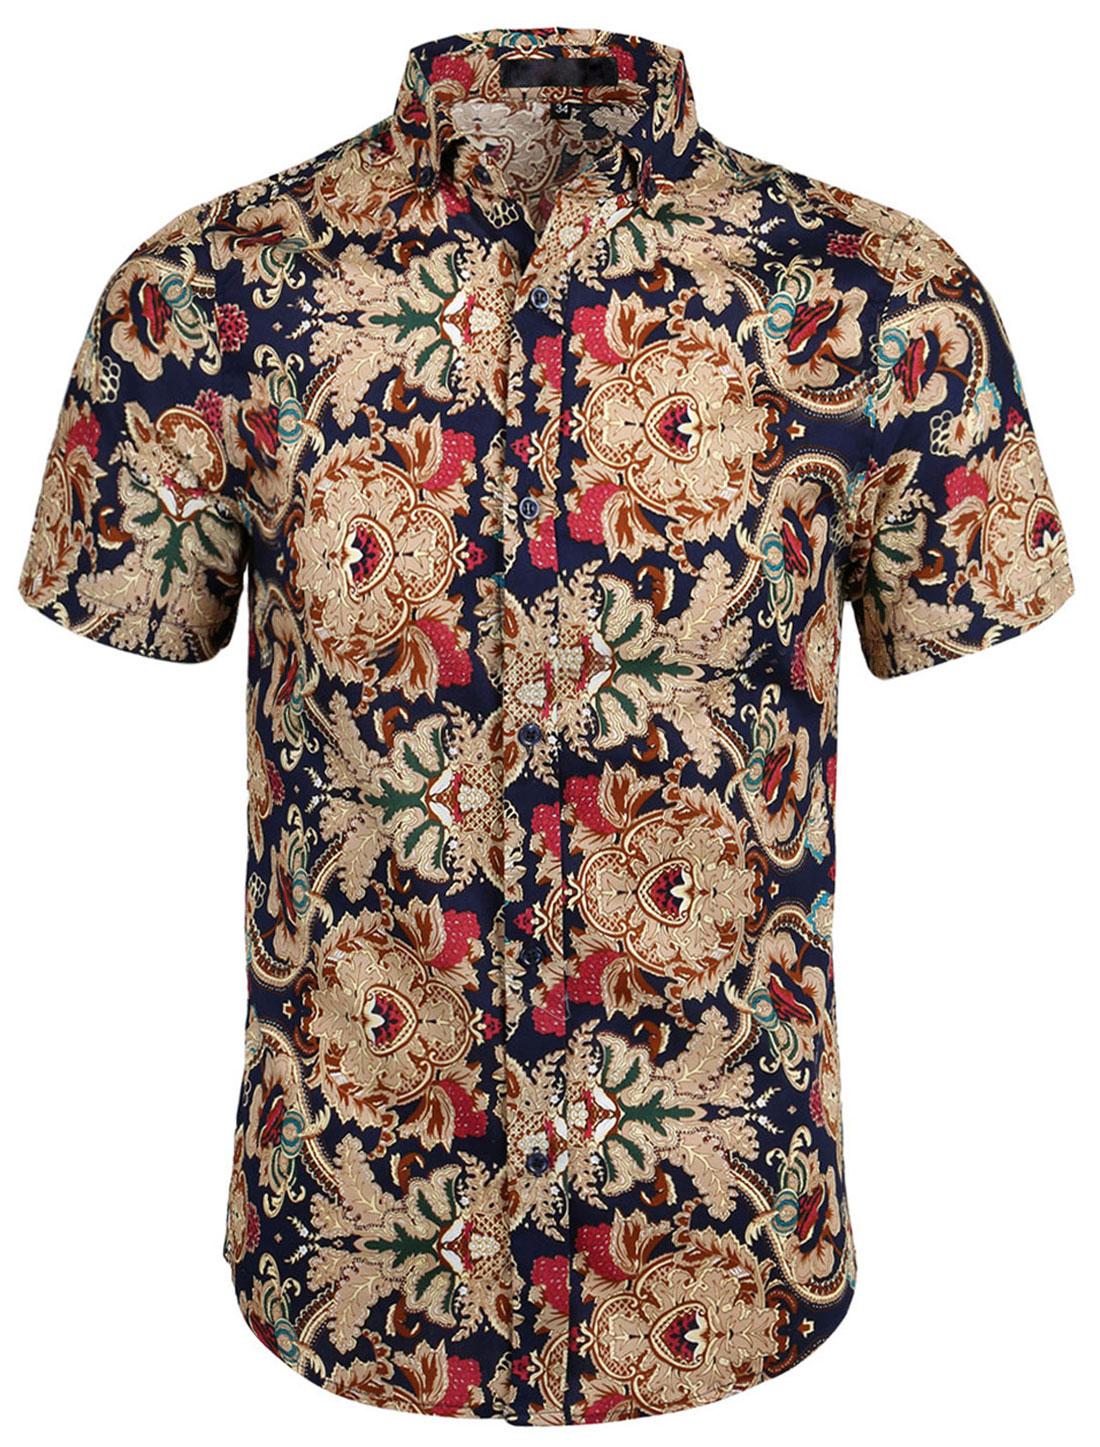 Men Collared Short Sleeves Vintage Floral Print Slim Fit Shirt Camel S